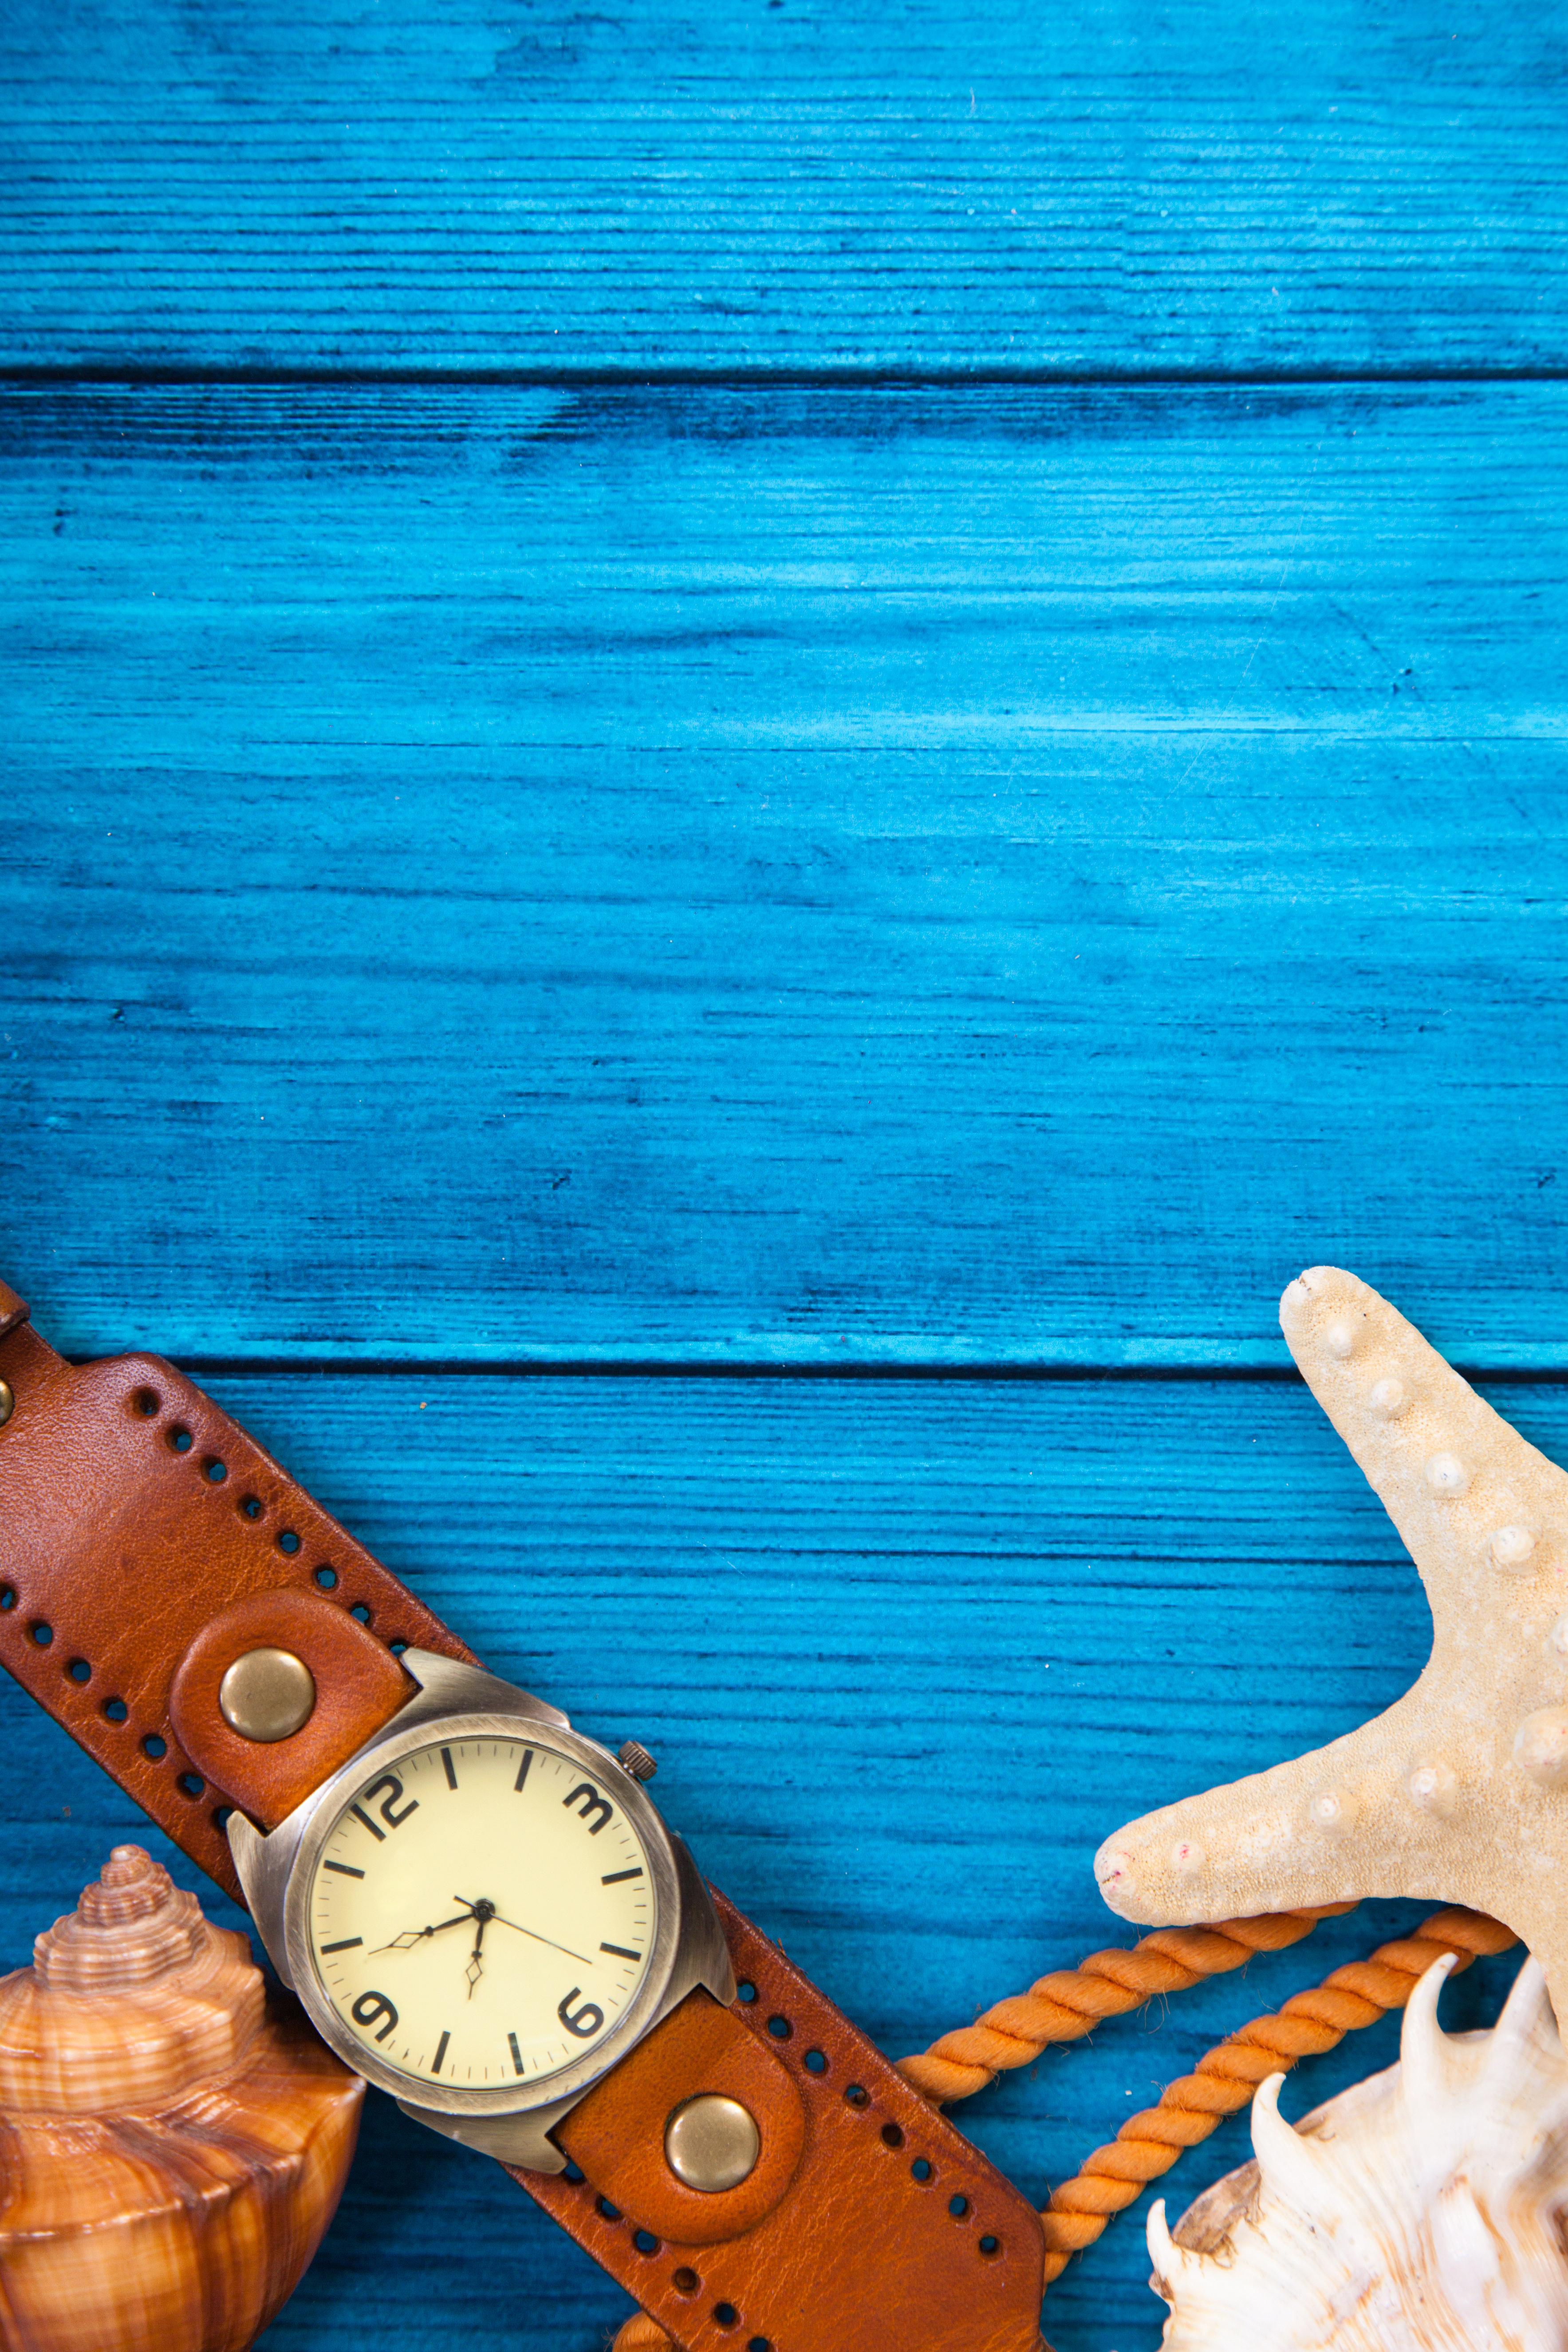 תיקון שעוני נאוטיקה